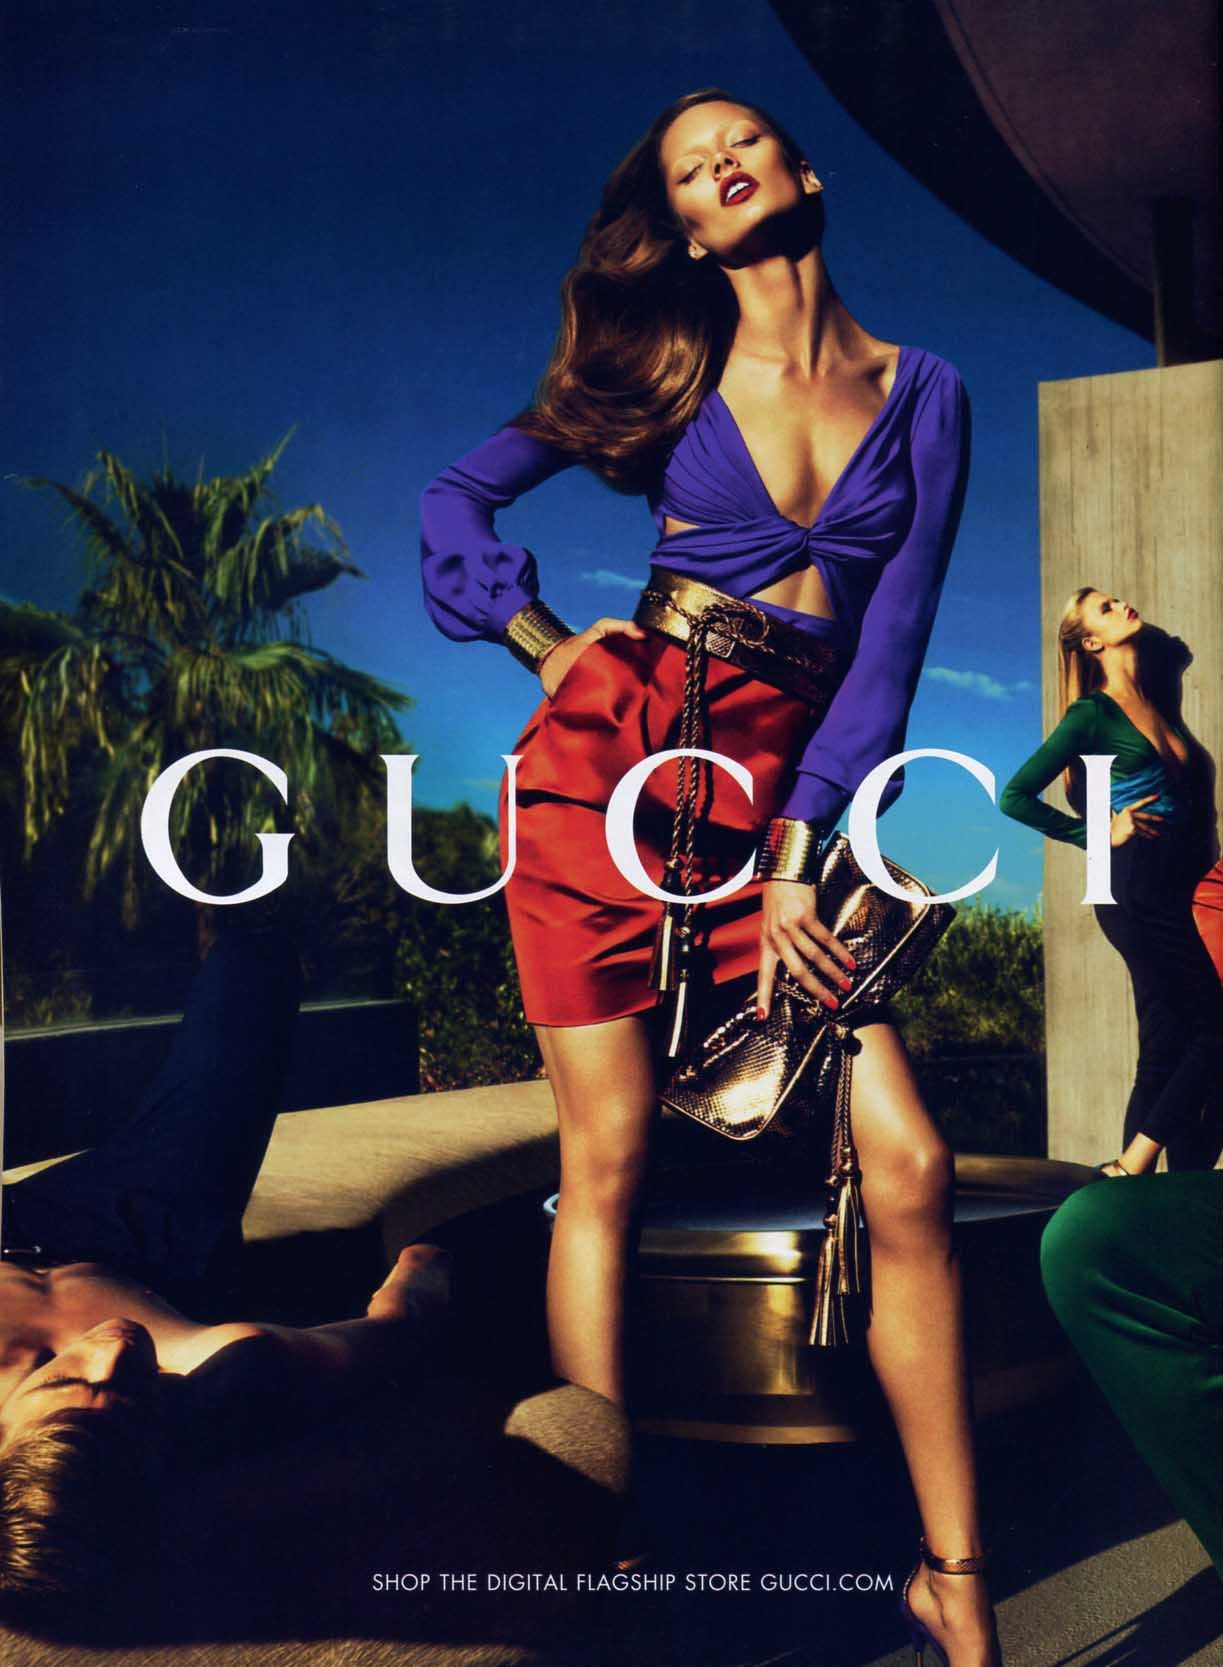 Pret-a-Porter Gucci Printemps/Eté 2011, ready to wear ...